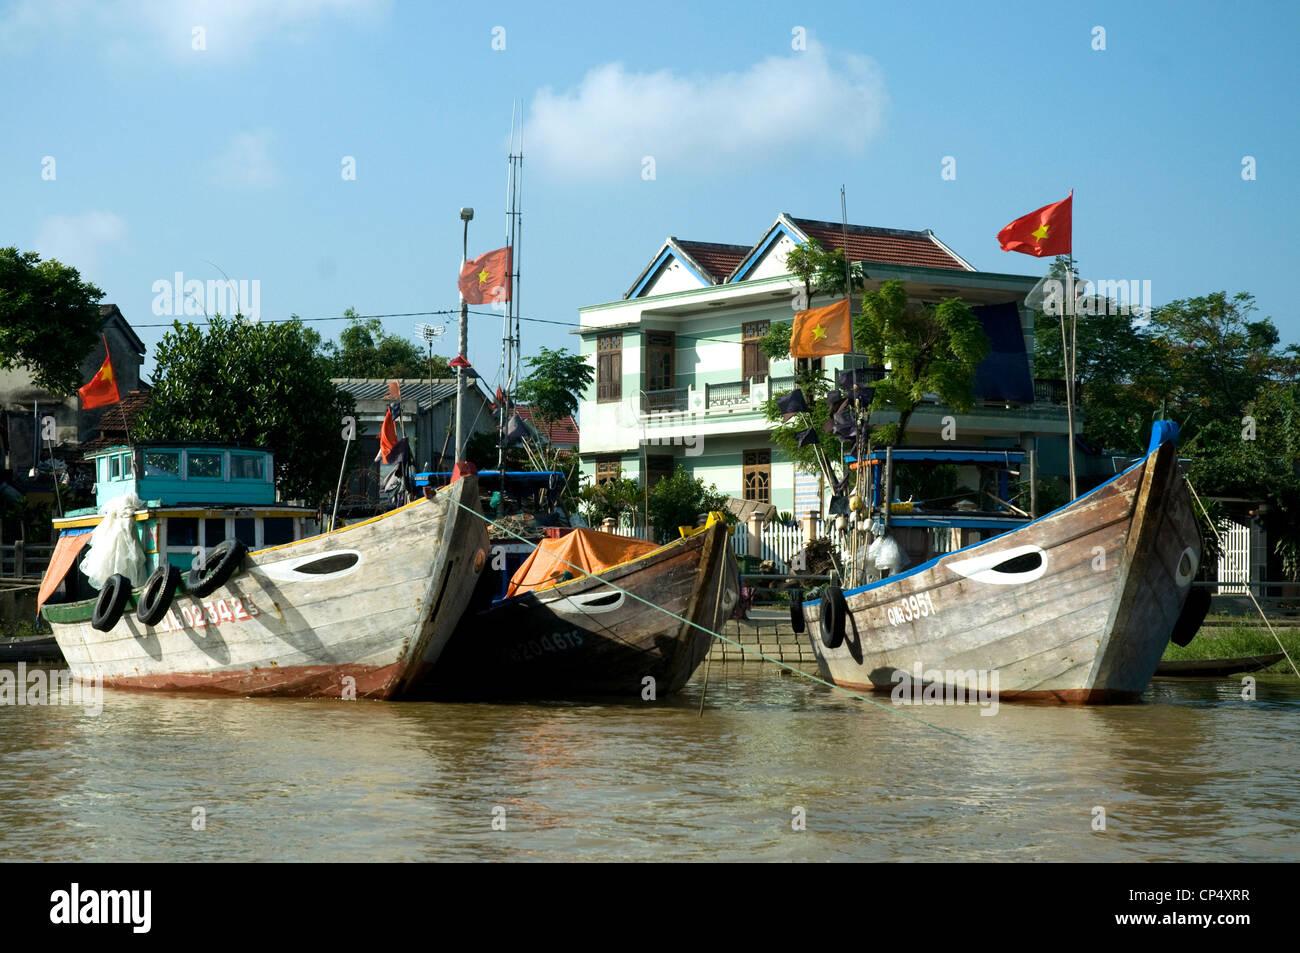 Au Vietnam, Hoi An, un port de commerce historique moderne, les bateaux de pêche sont amarrés le long Photo Stock